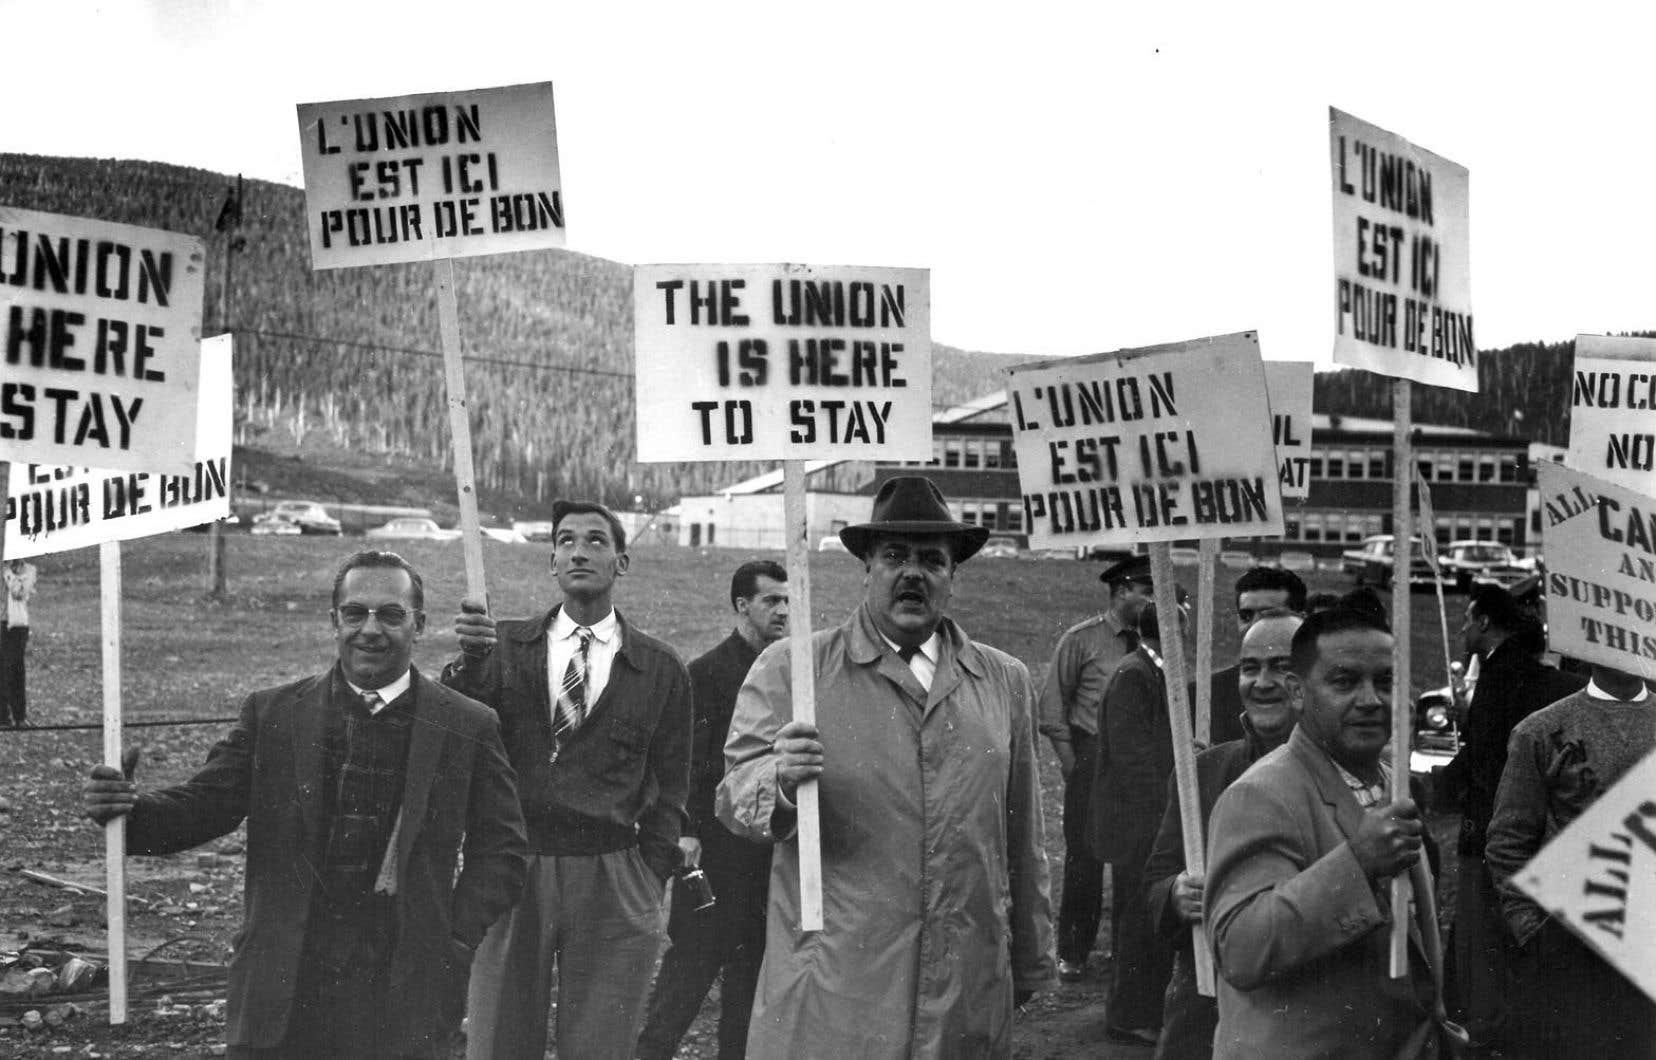 La grève de 1957 des ouvriers de la mine de Murdochville était considérée comme illégale. Le conflit a duré sept mois.